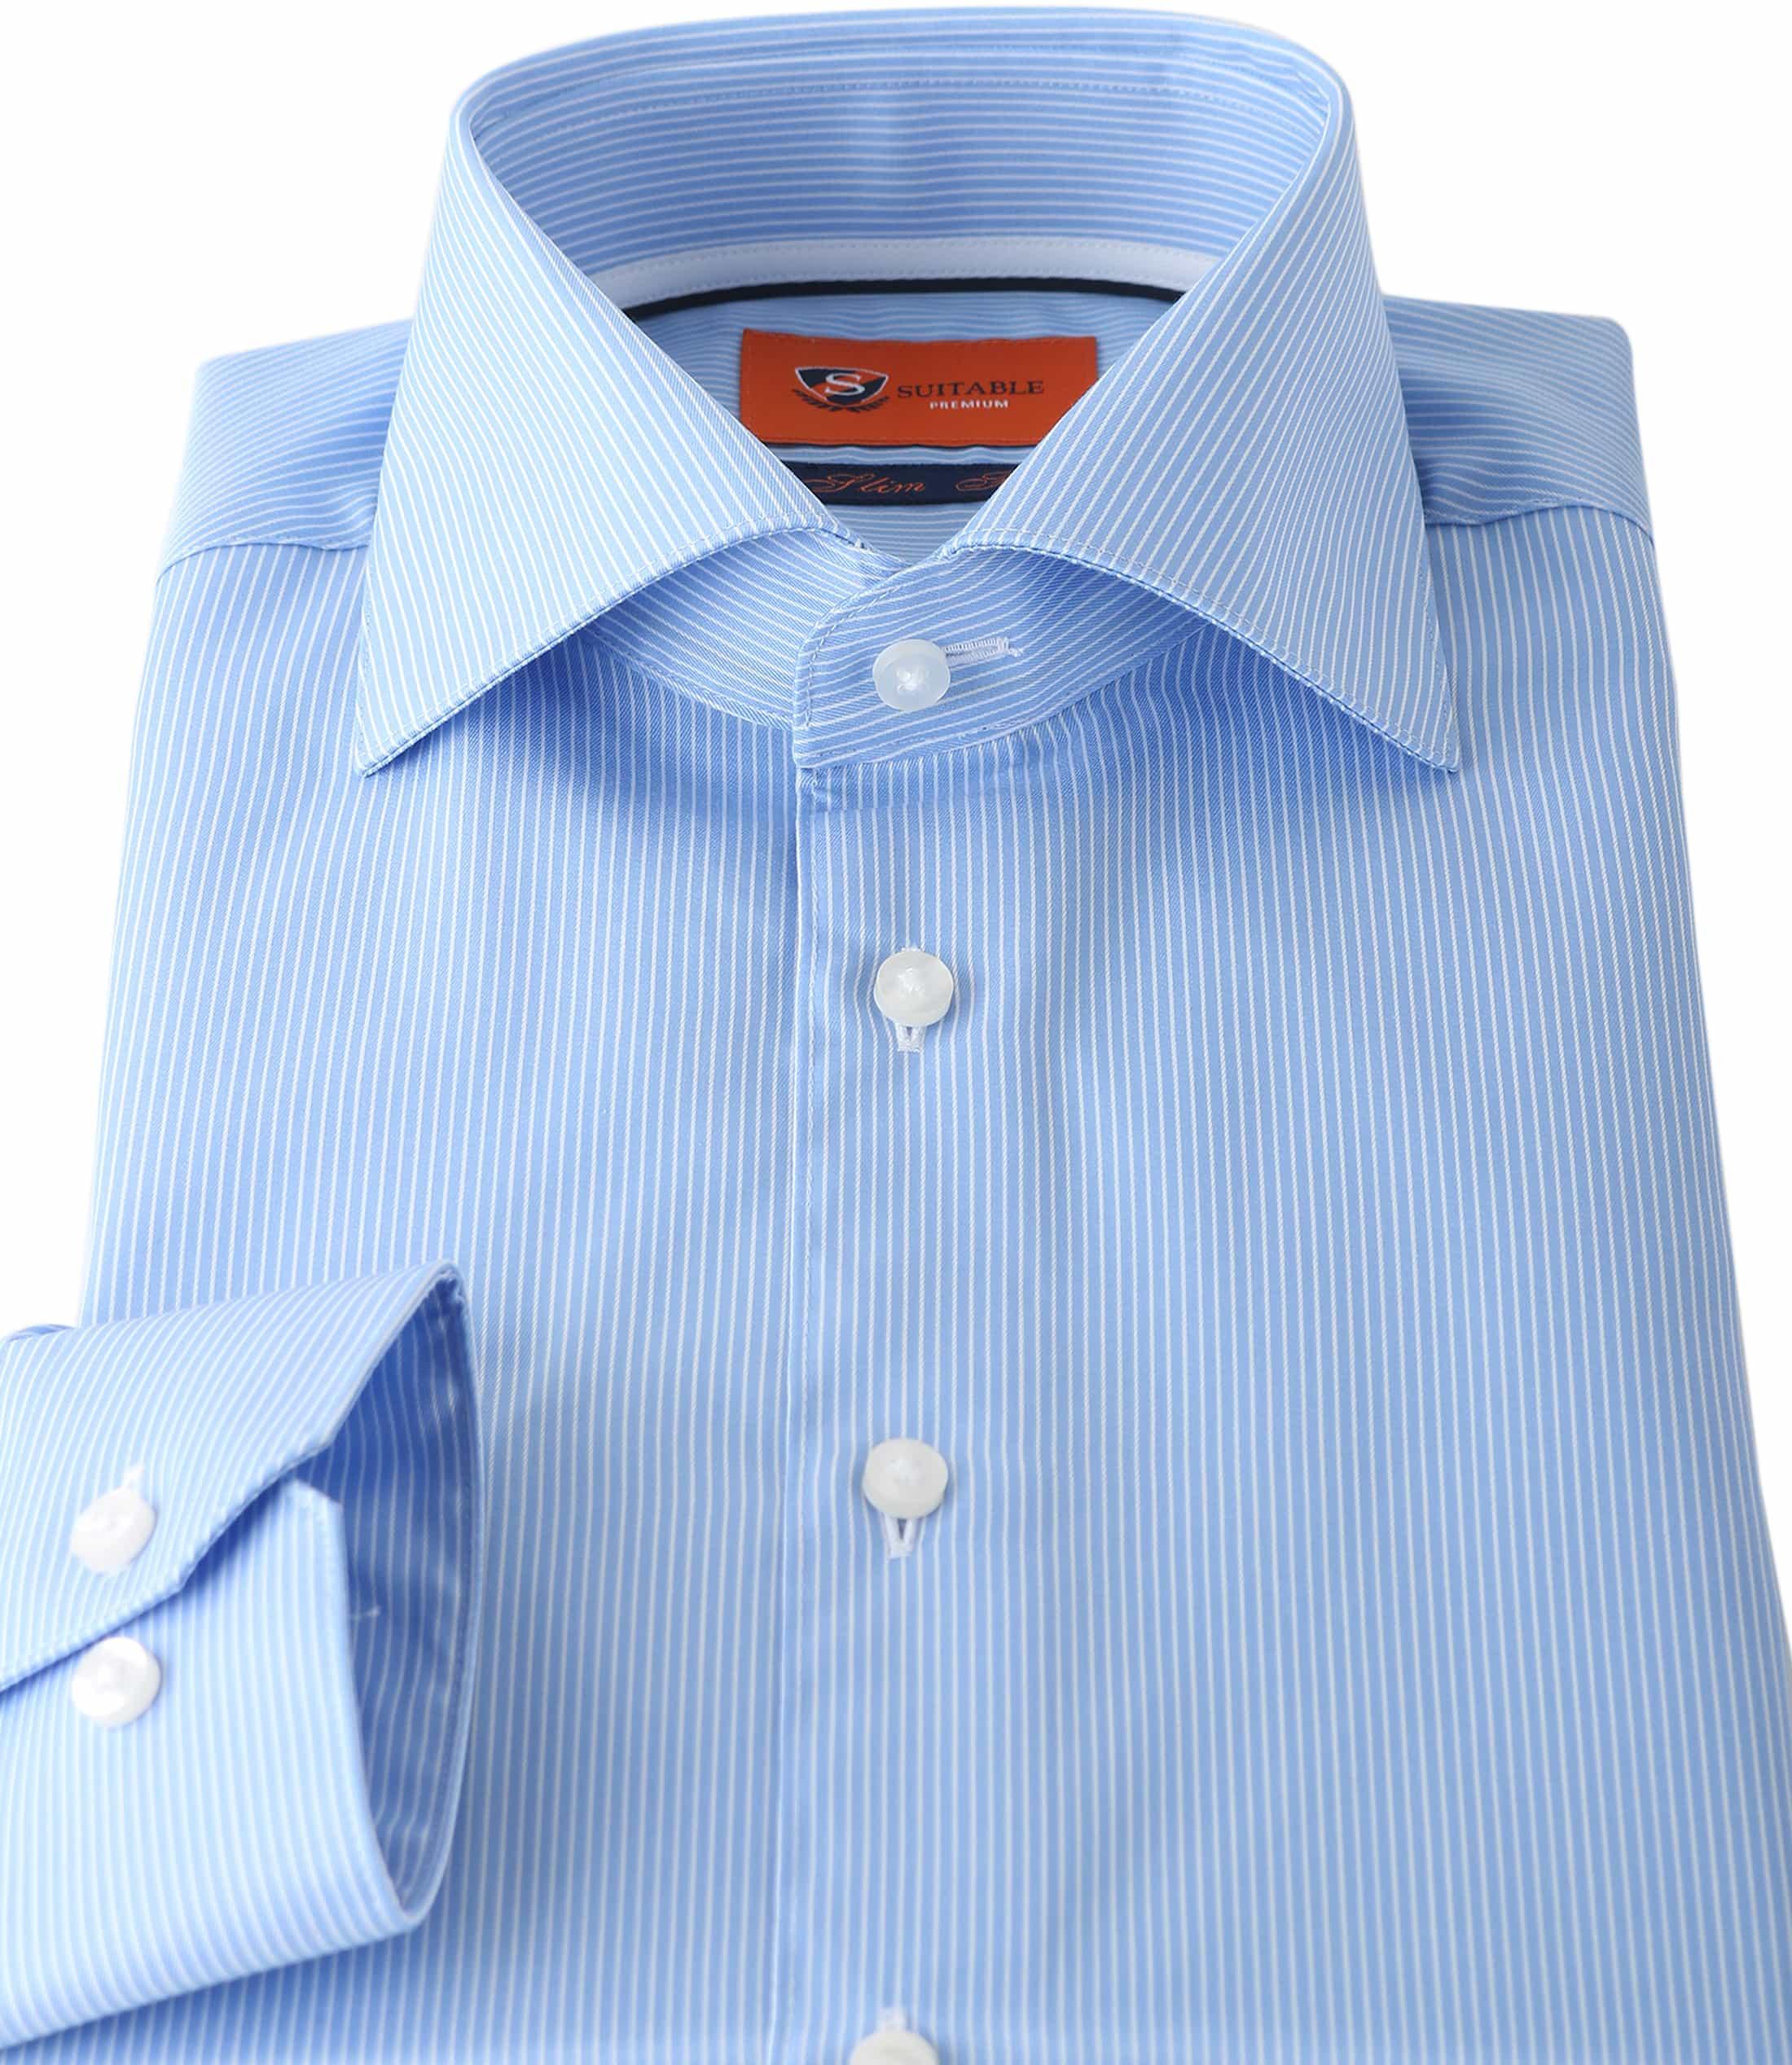 Suitable Overhemd Stripe Blue Adam foto 2